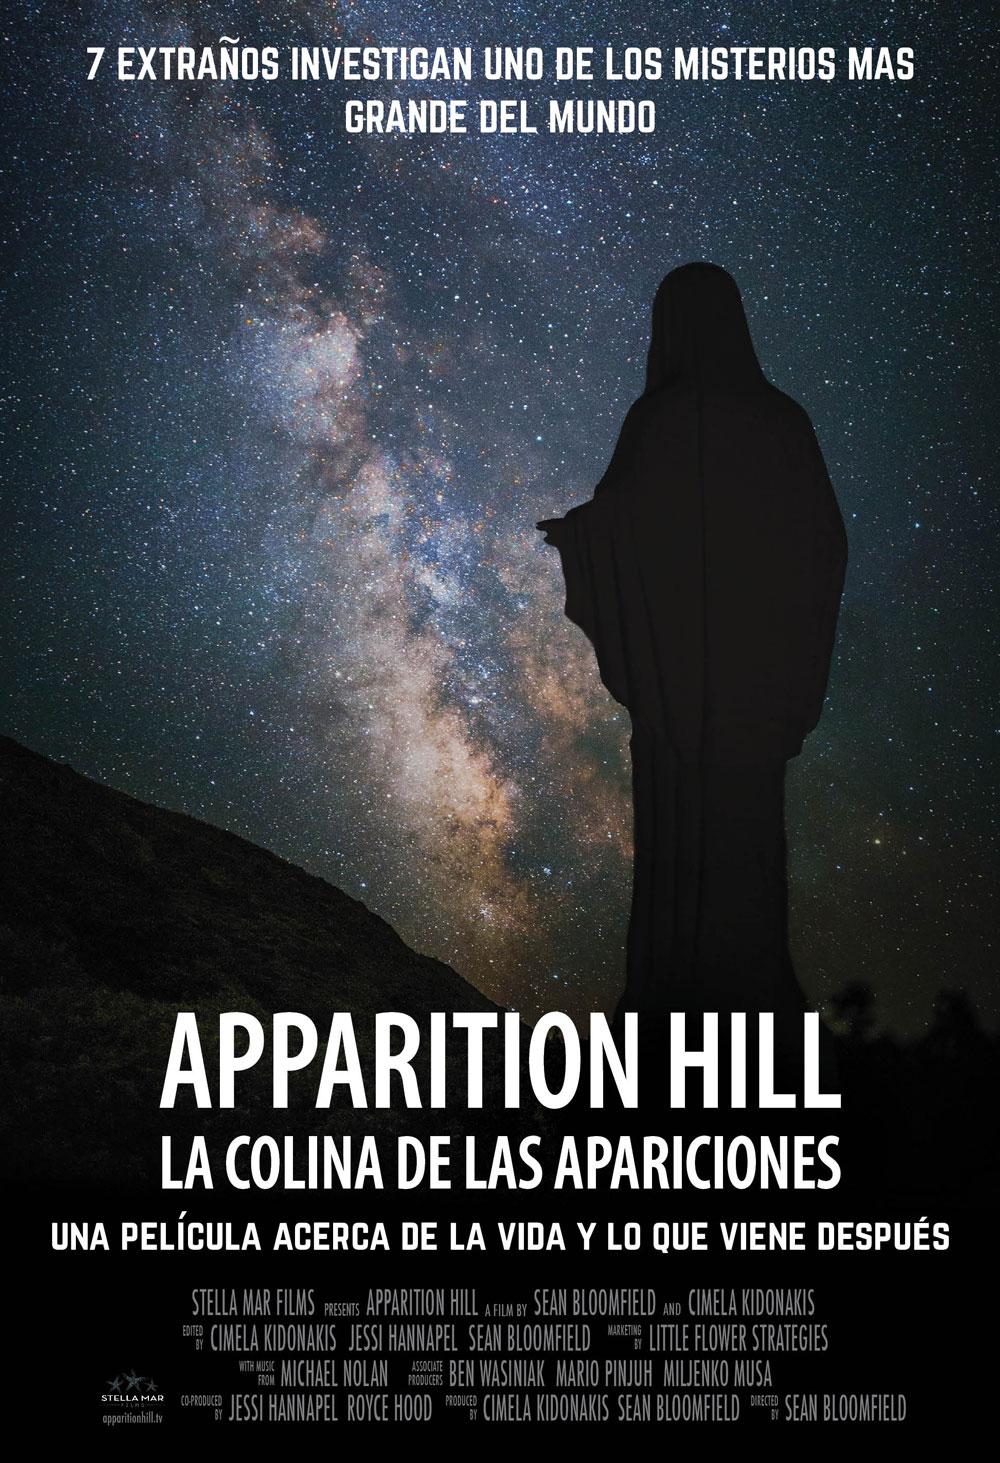 Apparition Hill (La colina de las apariciones) VOS